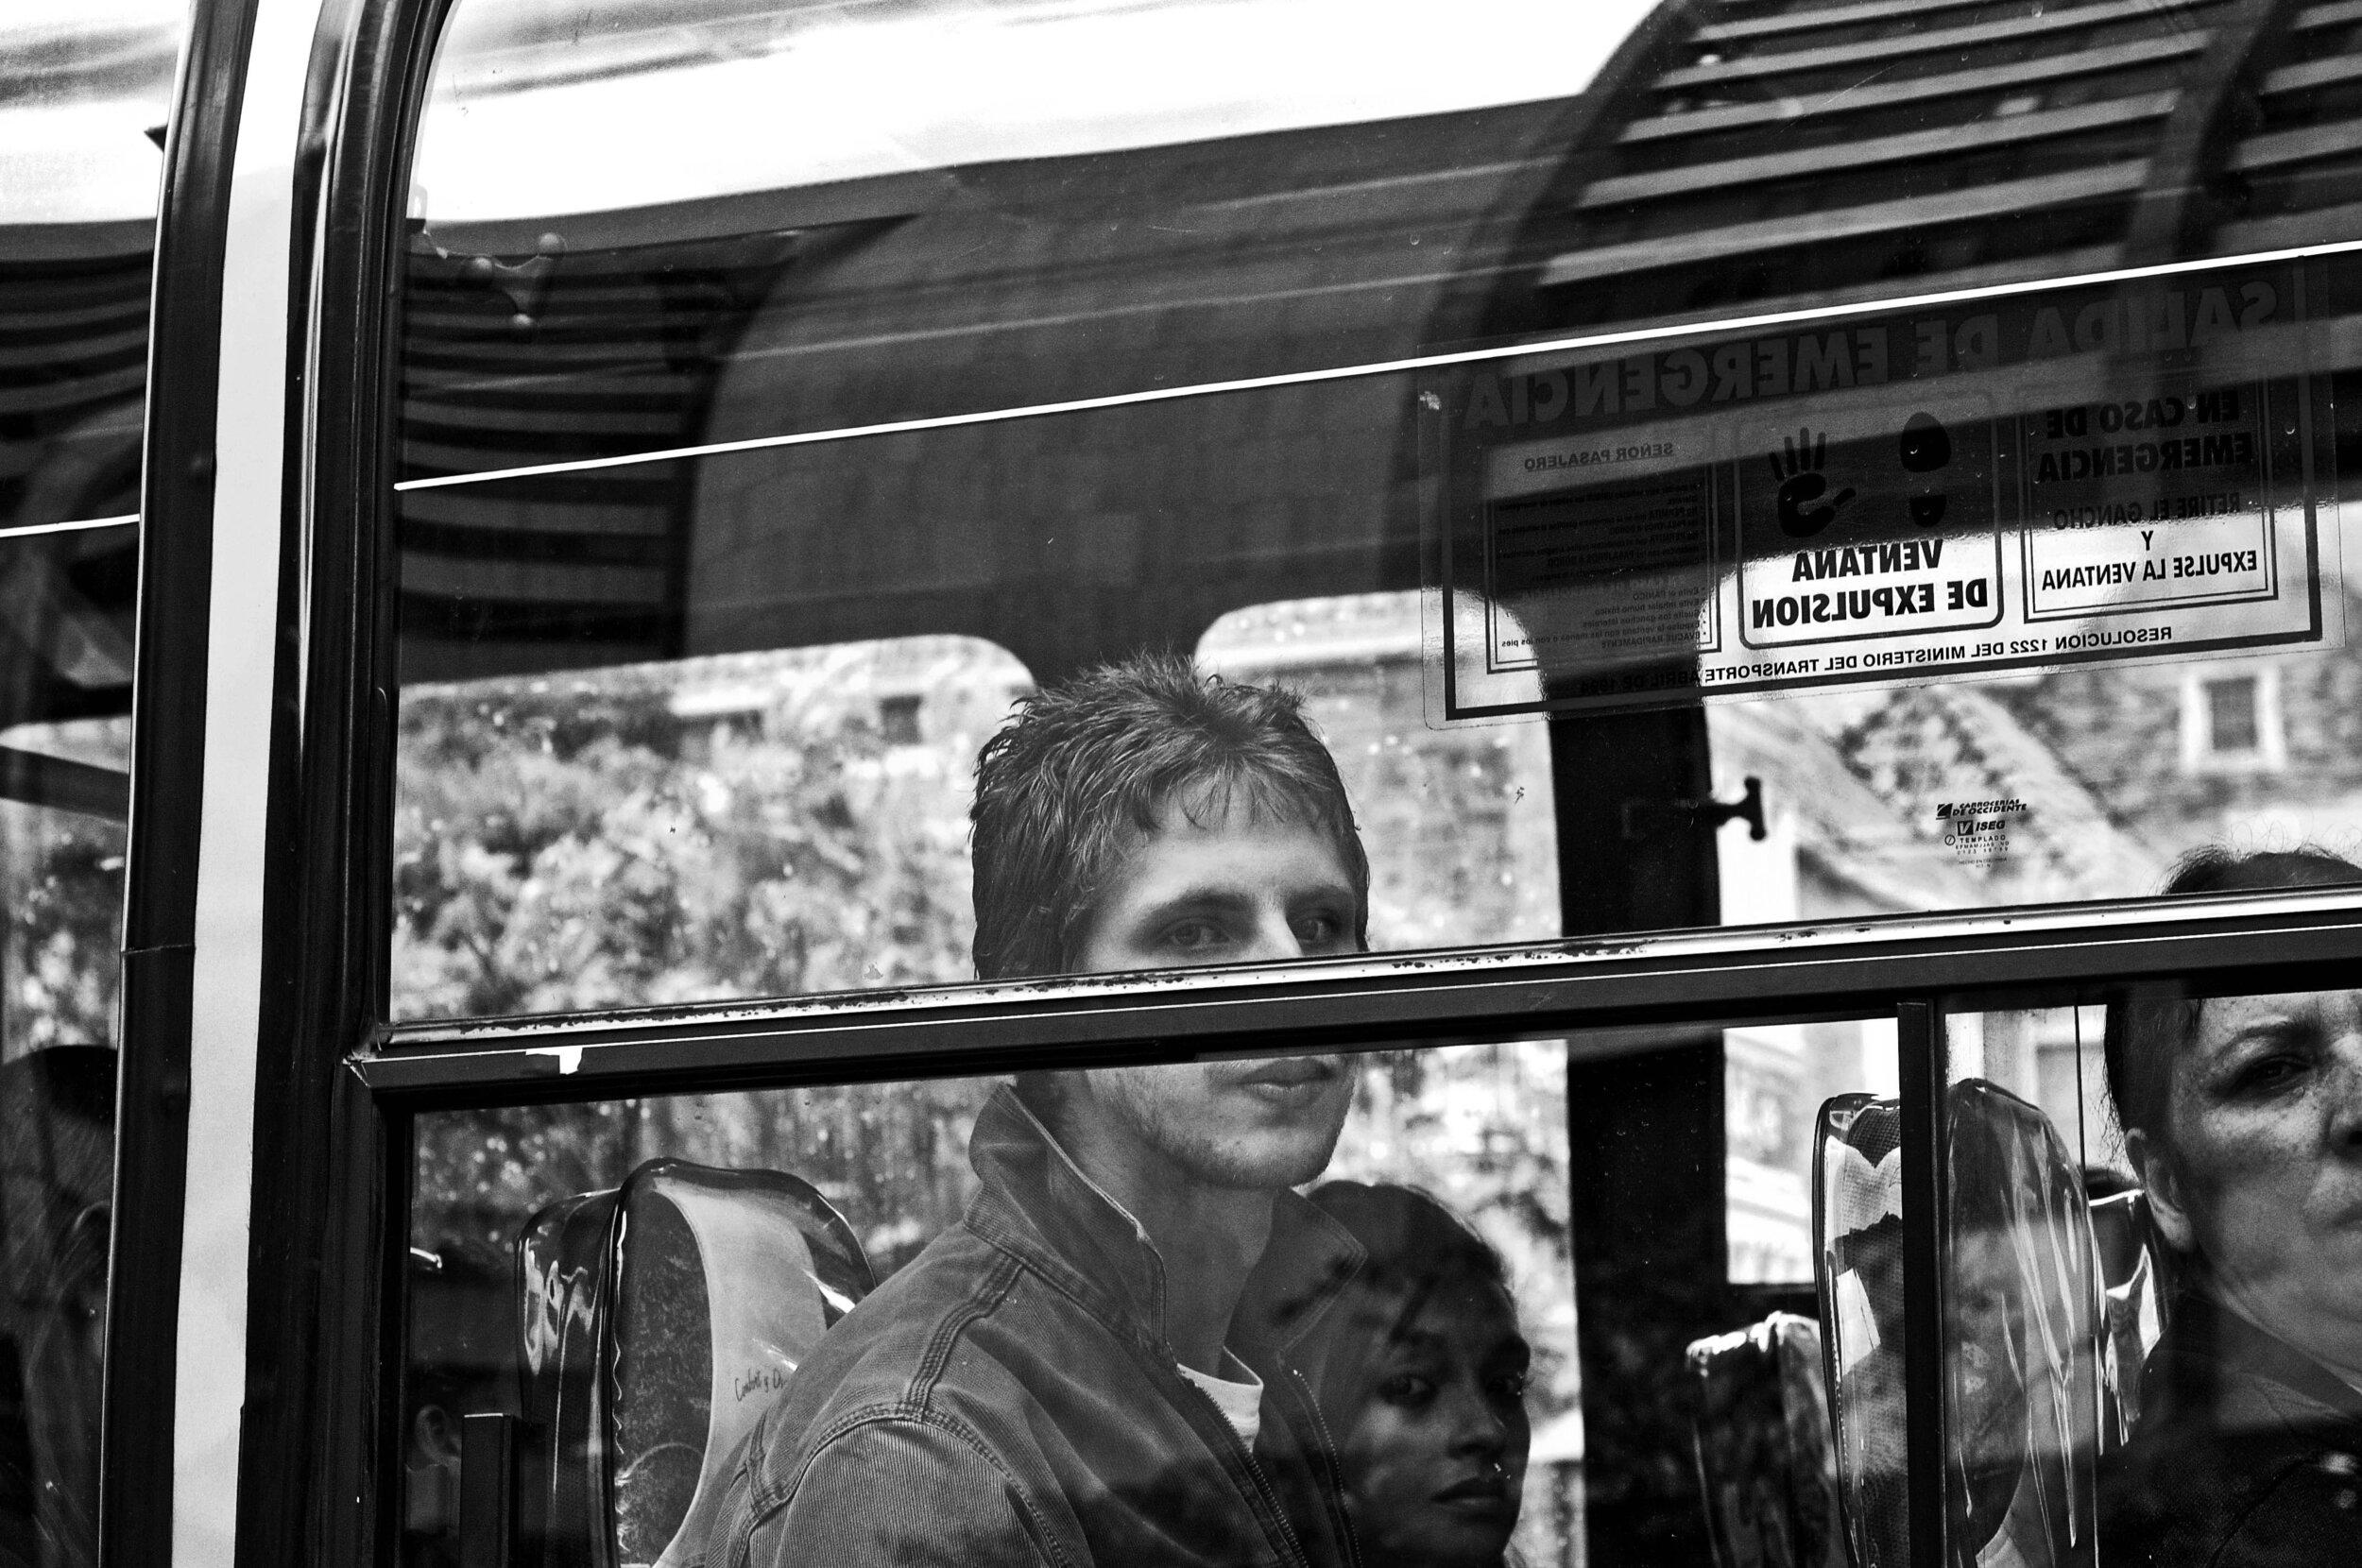 busmarzodiego031.jpg